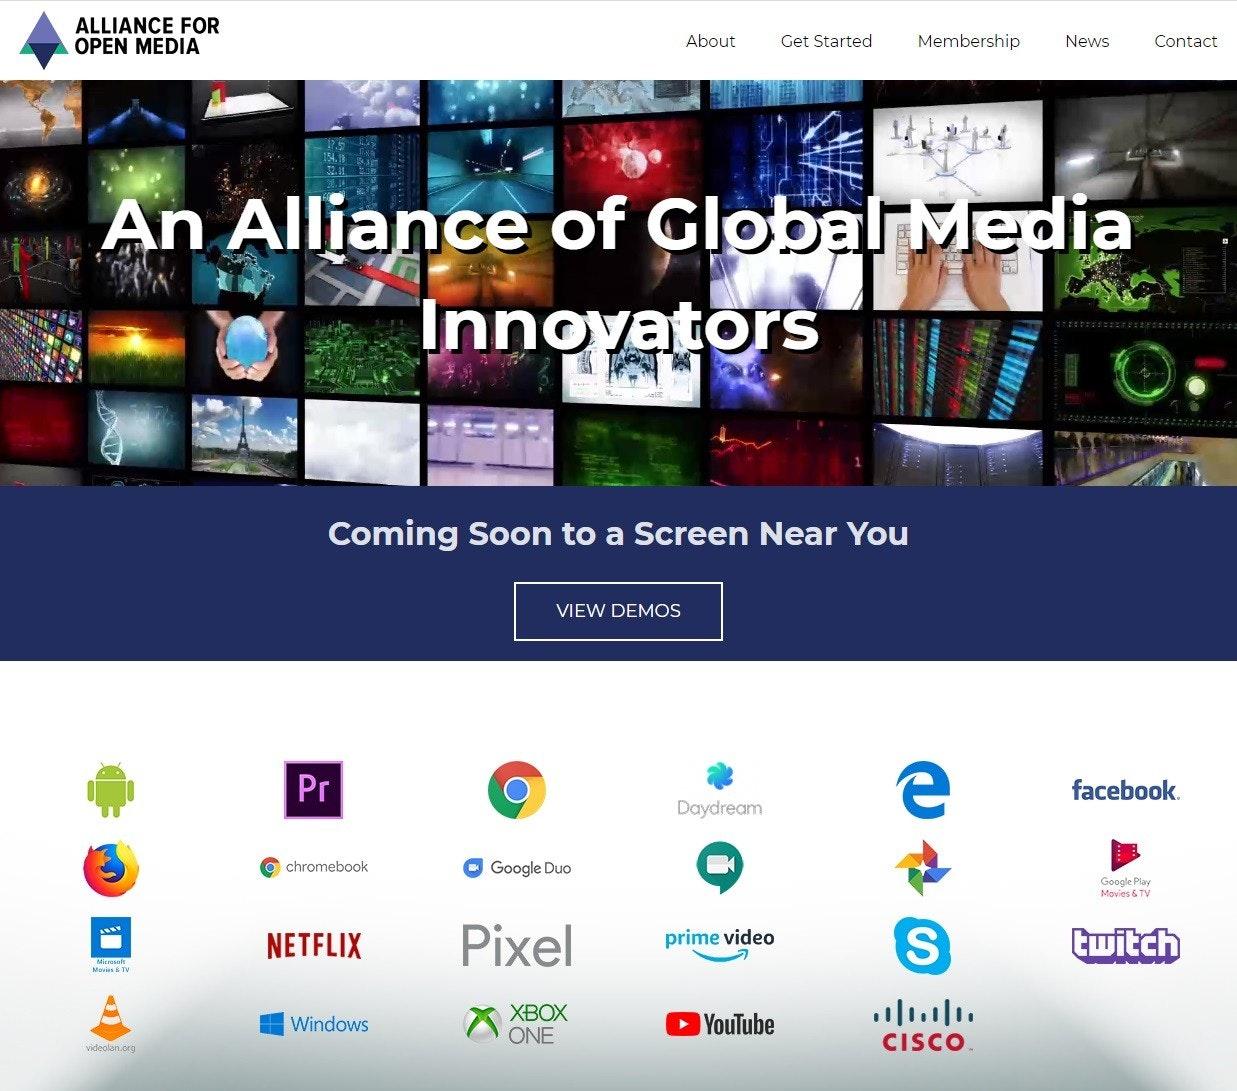 照片中提到了ALLIANCE FOR、OPEN MEDIA、About,跟思科系統、首映有關,包含了twitch.tv、計算機程序、展示廣告、在線廣告、商標